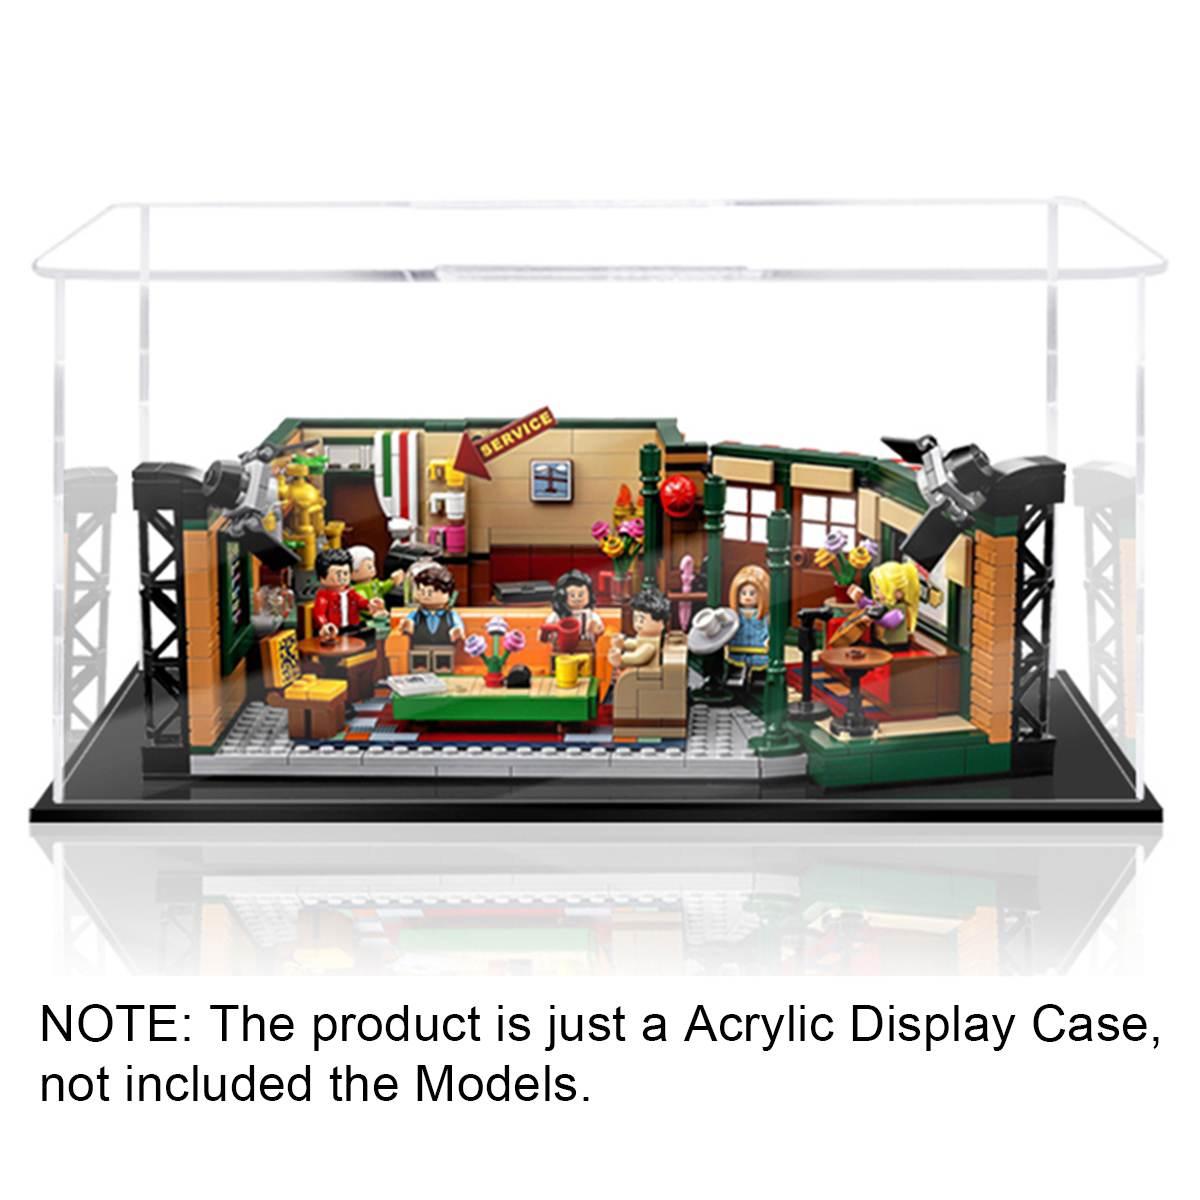 لتقوم بها بنفسك صندوق عرض أكريليك فقط علبة عرض ليغو 21319 لعبة بناء أصدقاء بيرك المركزية (نموذج غير مدرج)